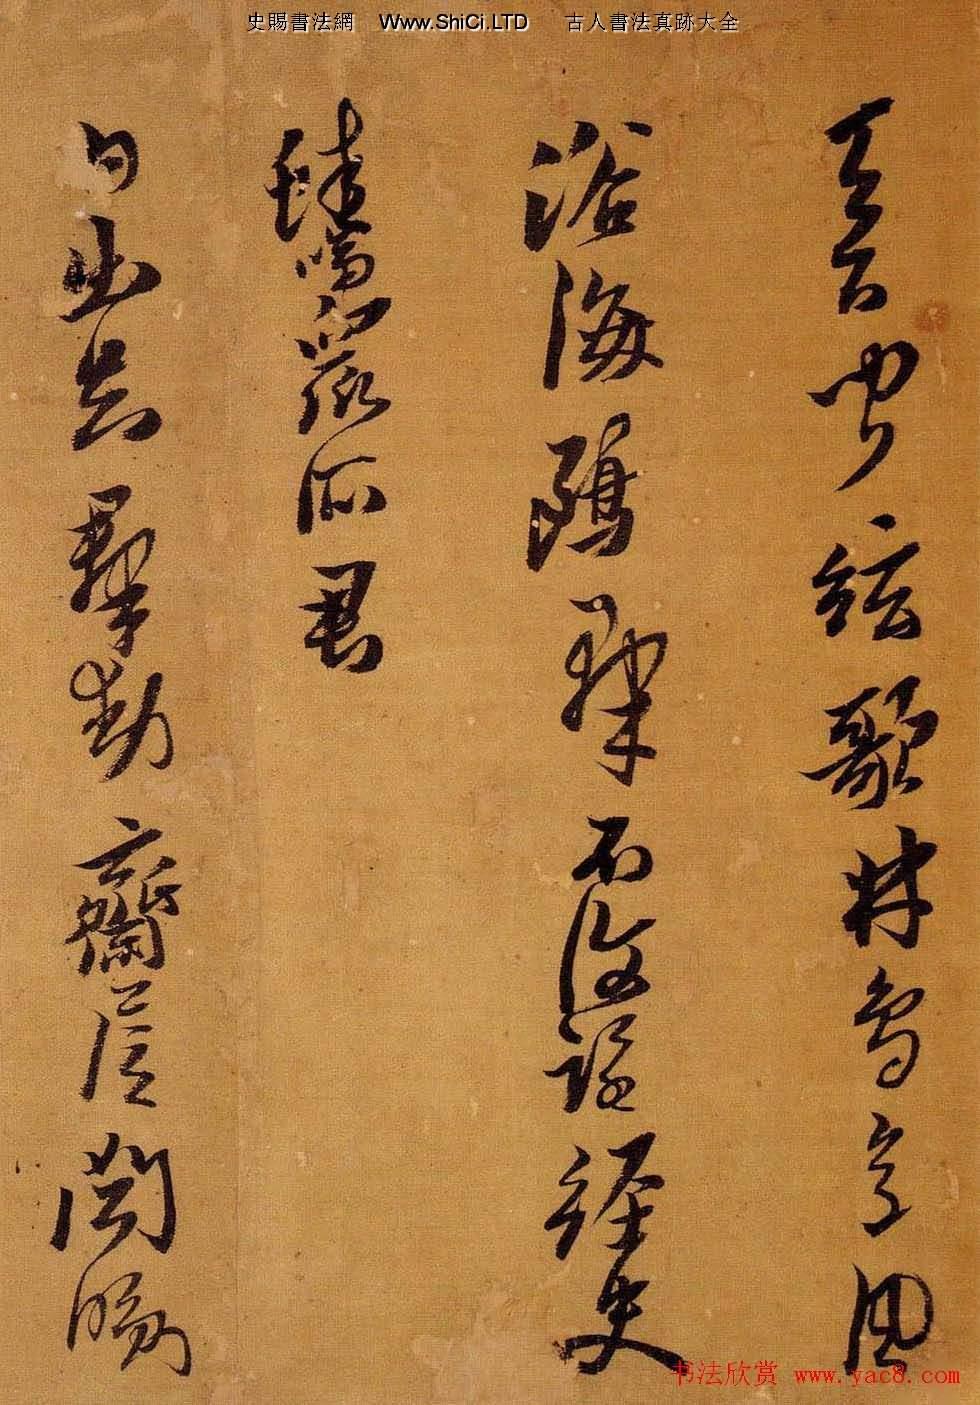 黃道周行草書法《自書詩卷》